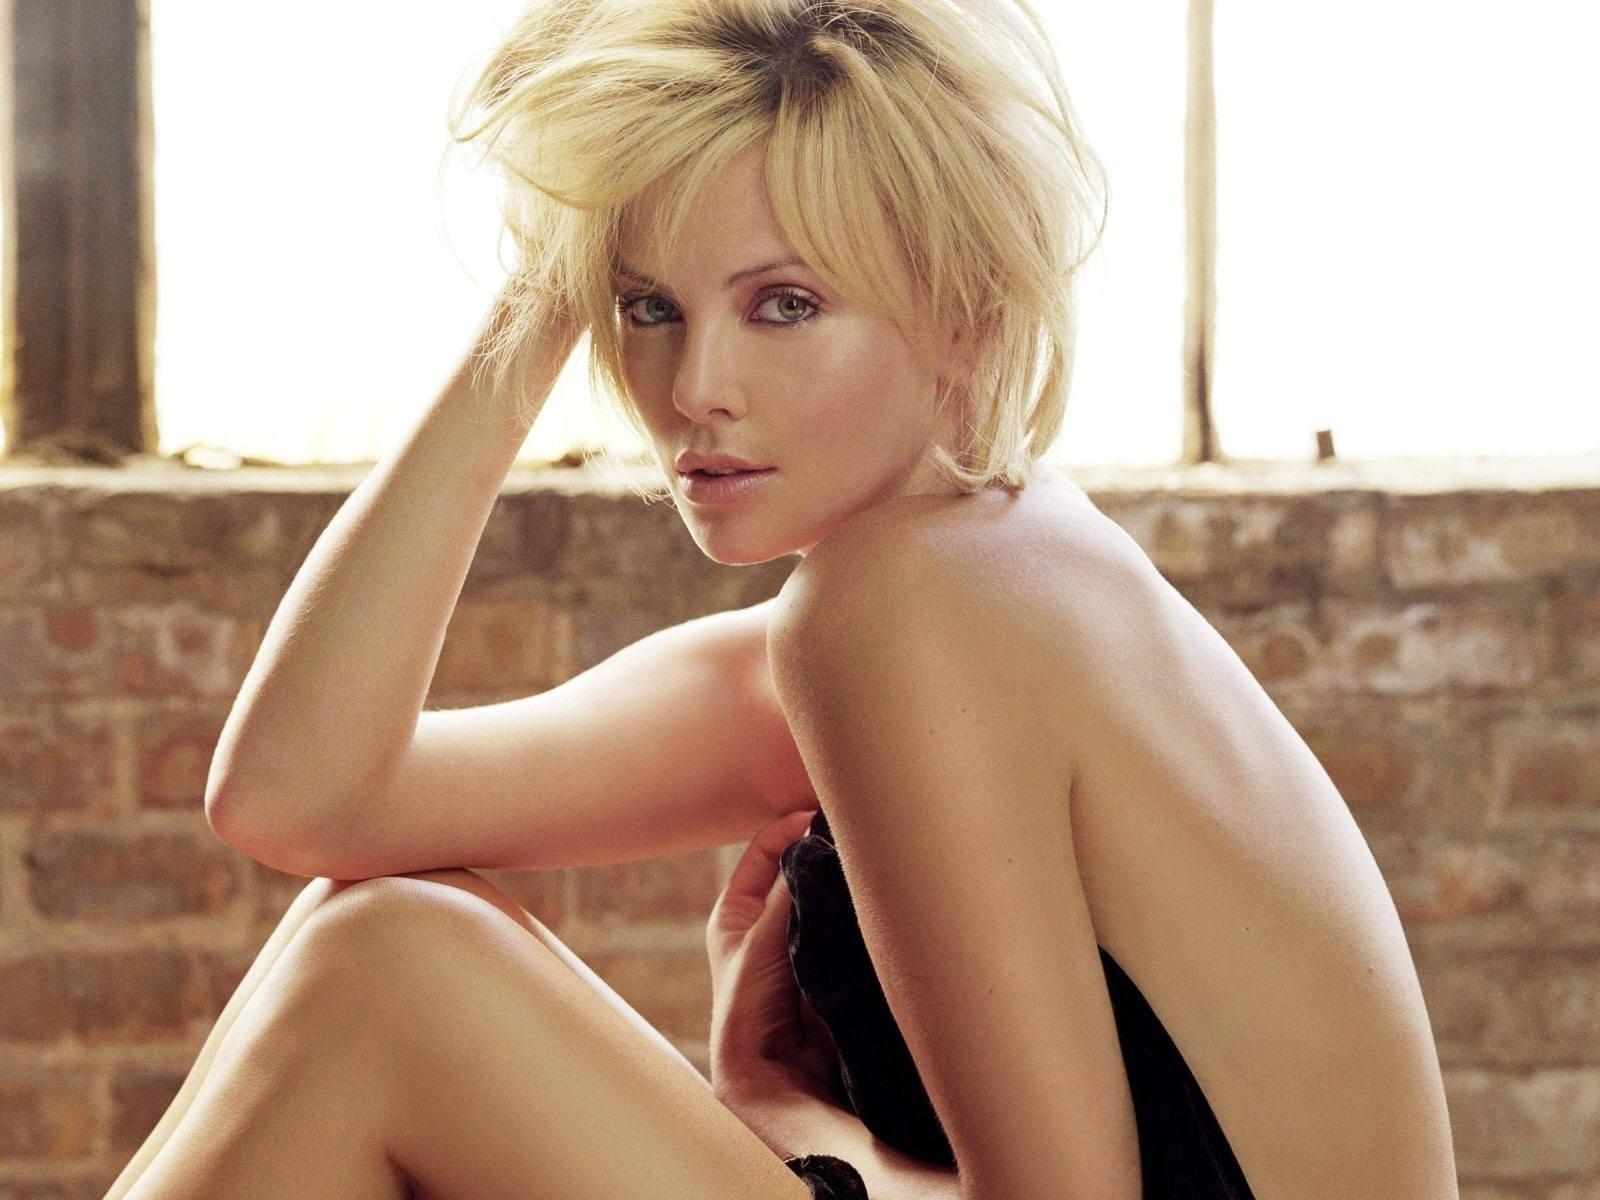 Wallpaper di Charlize Theron, ex-modella e attrice sudafricana